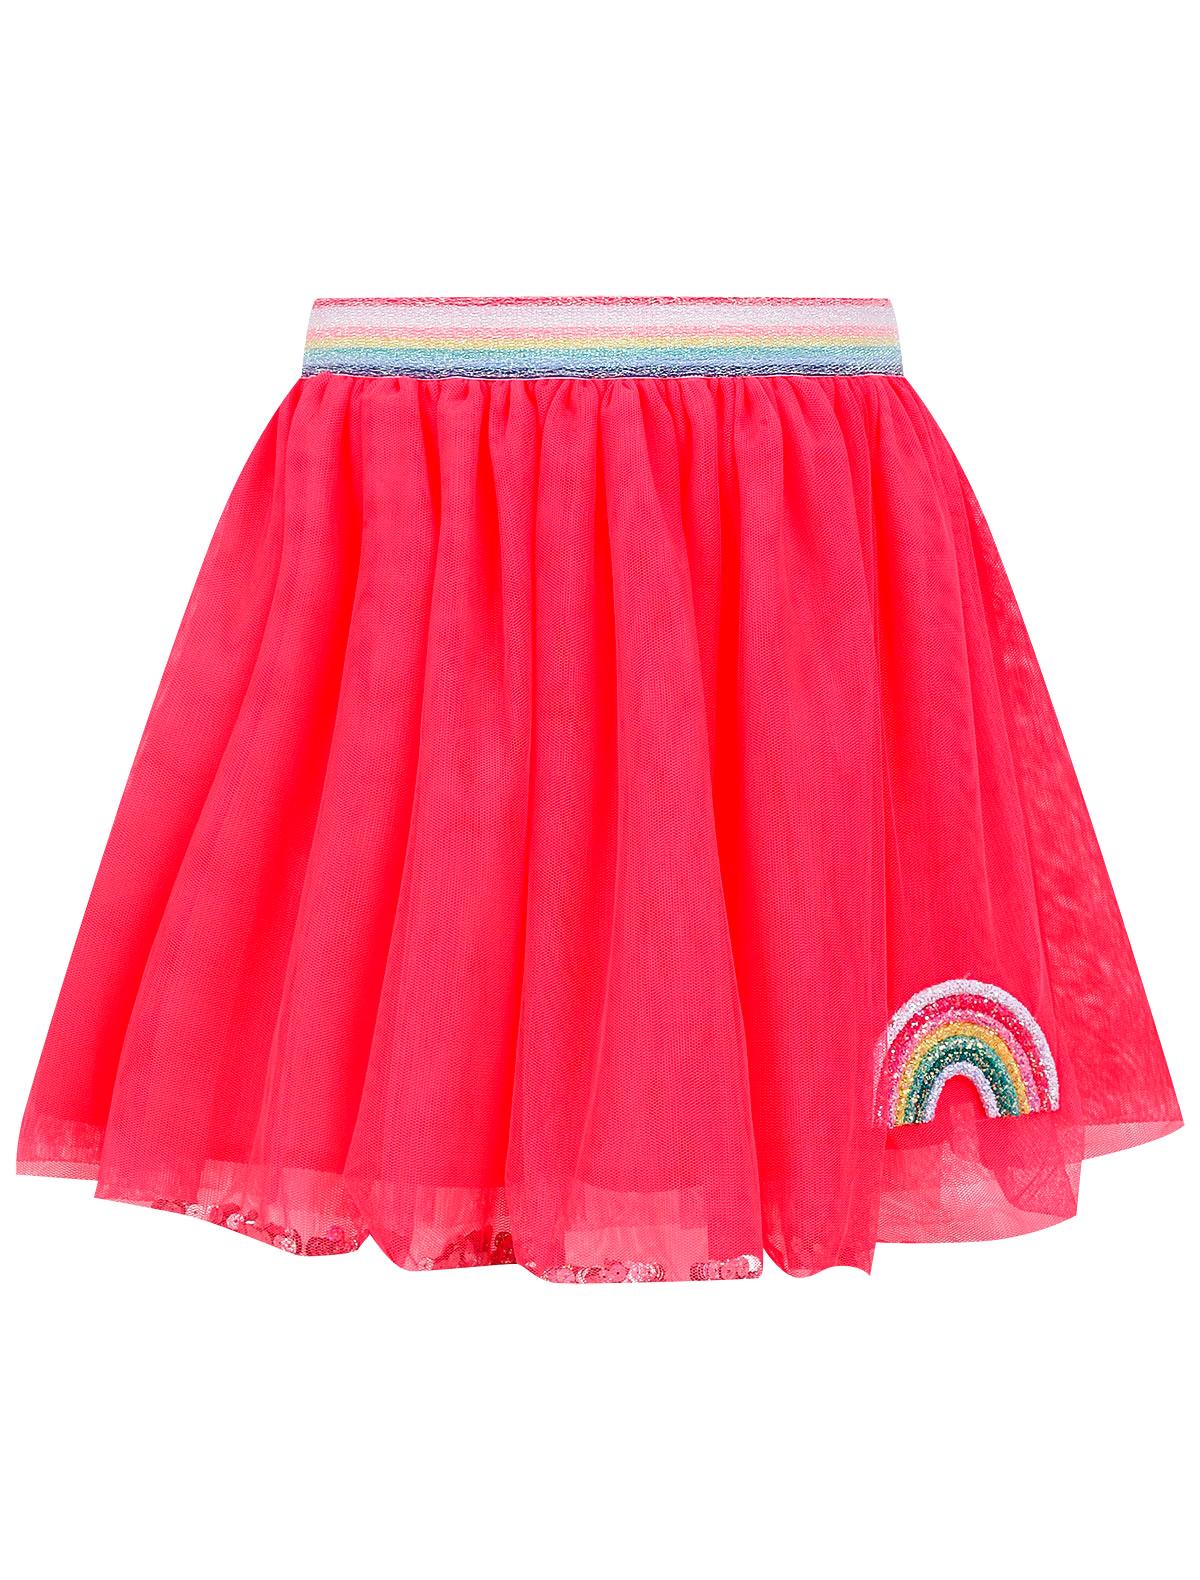 Купить 2310992, Юбка Billieblush, розовый, Женский, 1044509173673